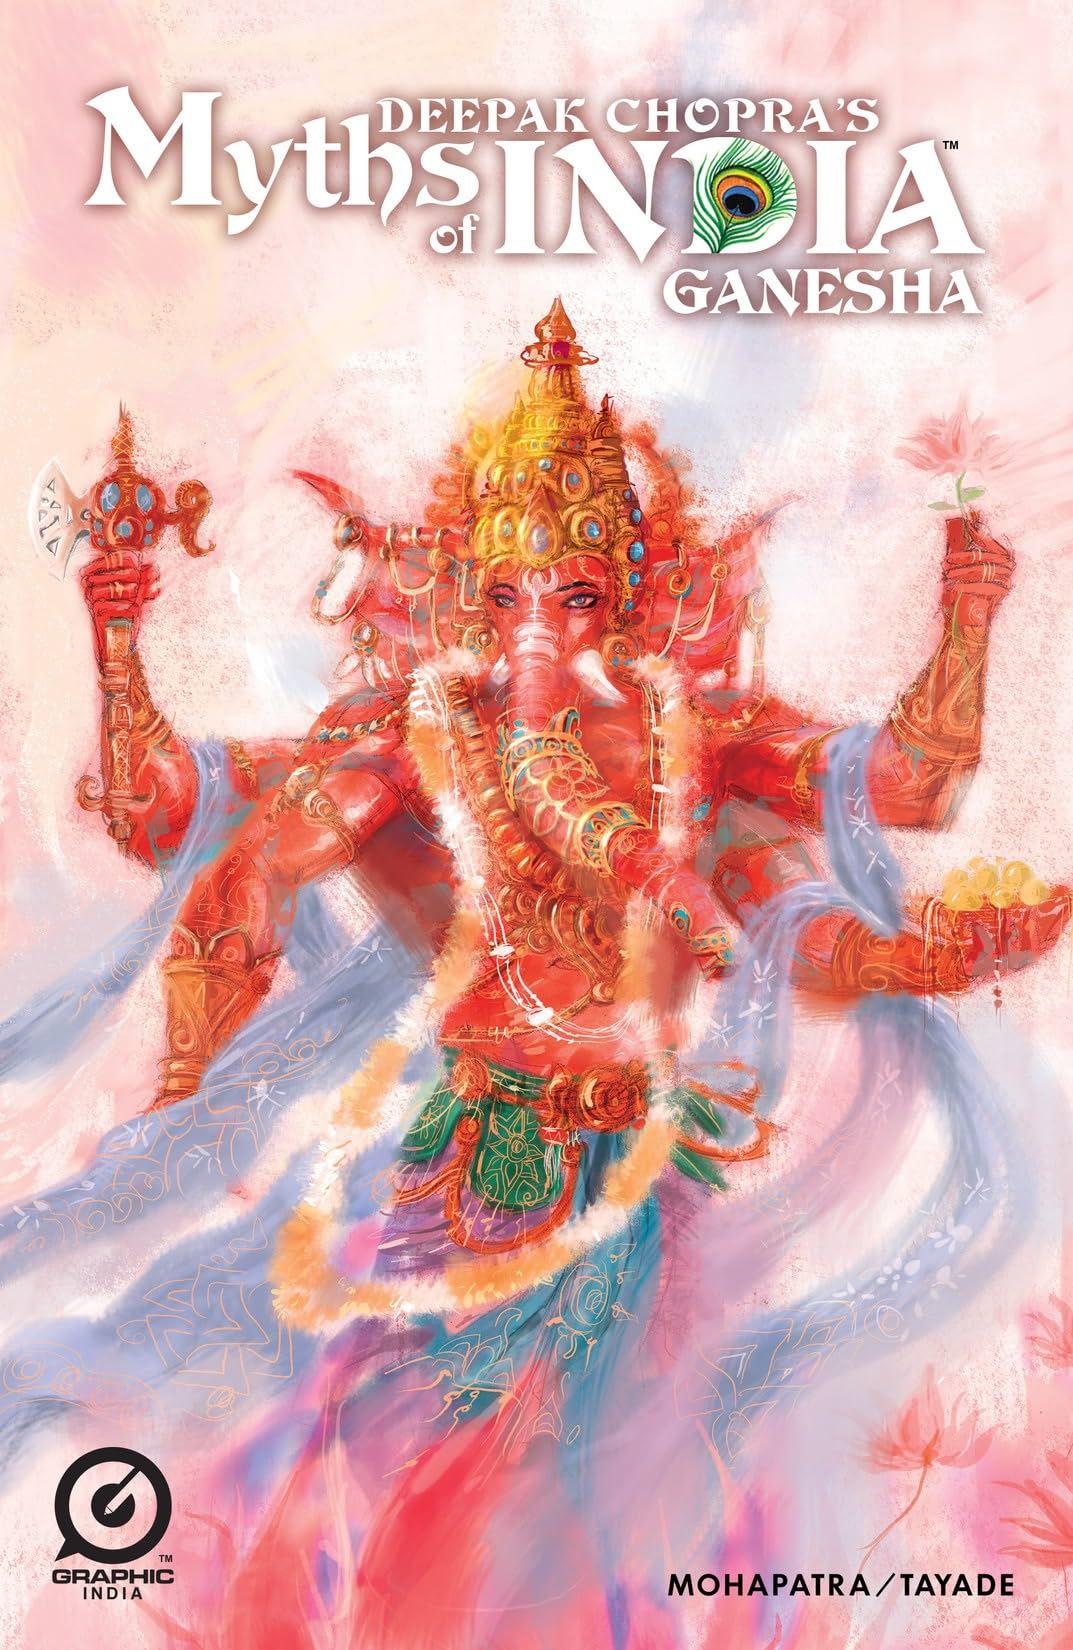 Myths of India: Ganesha